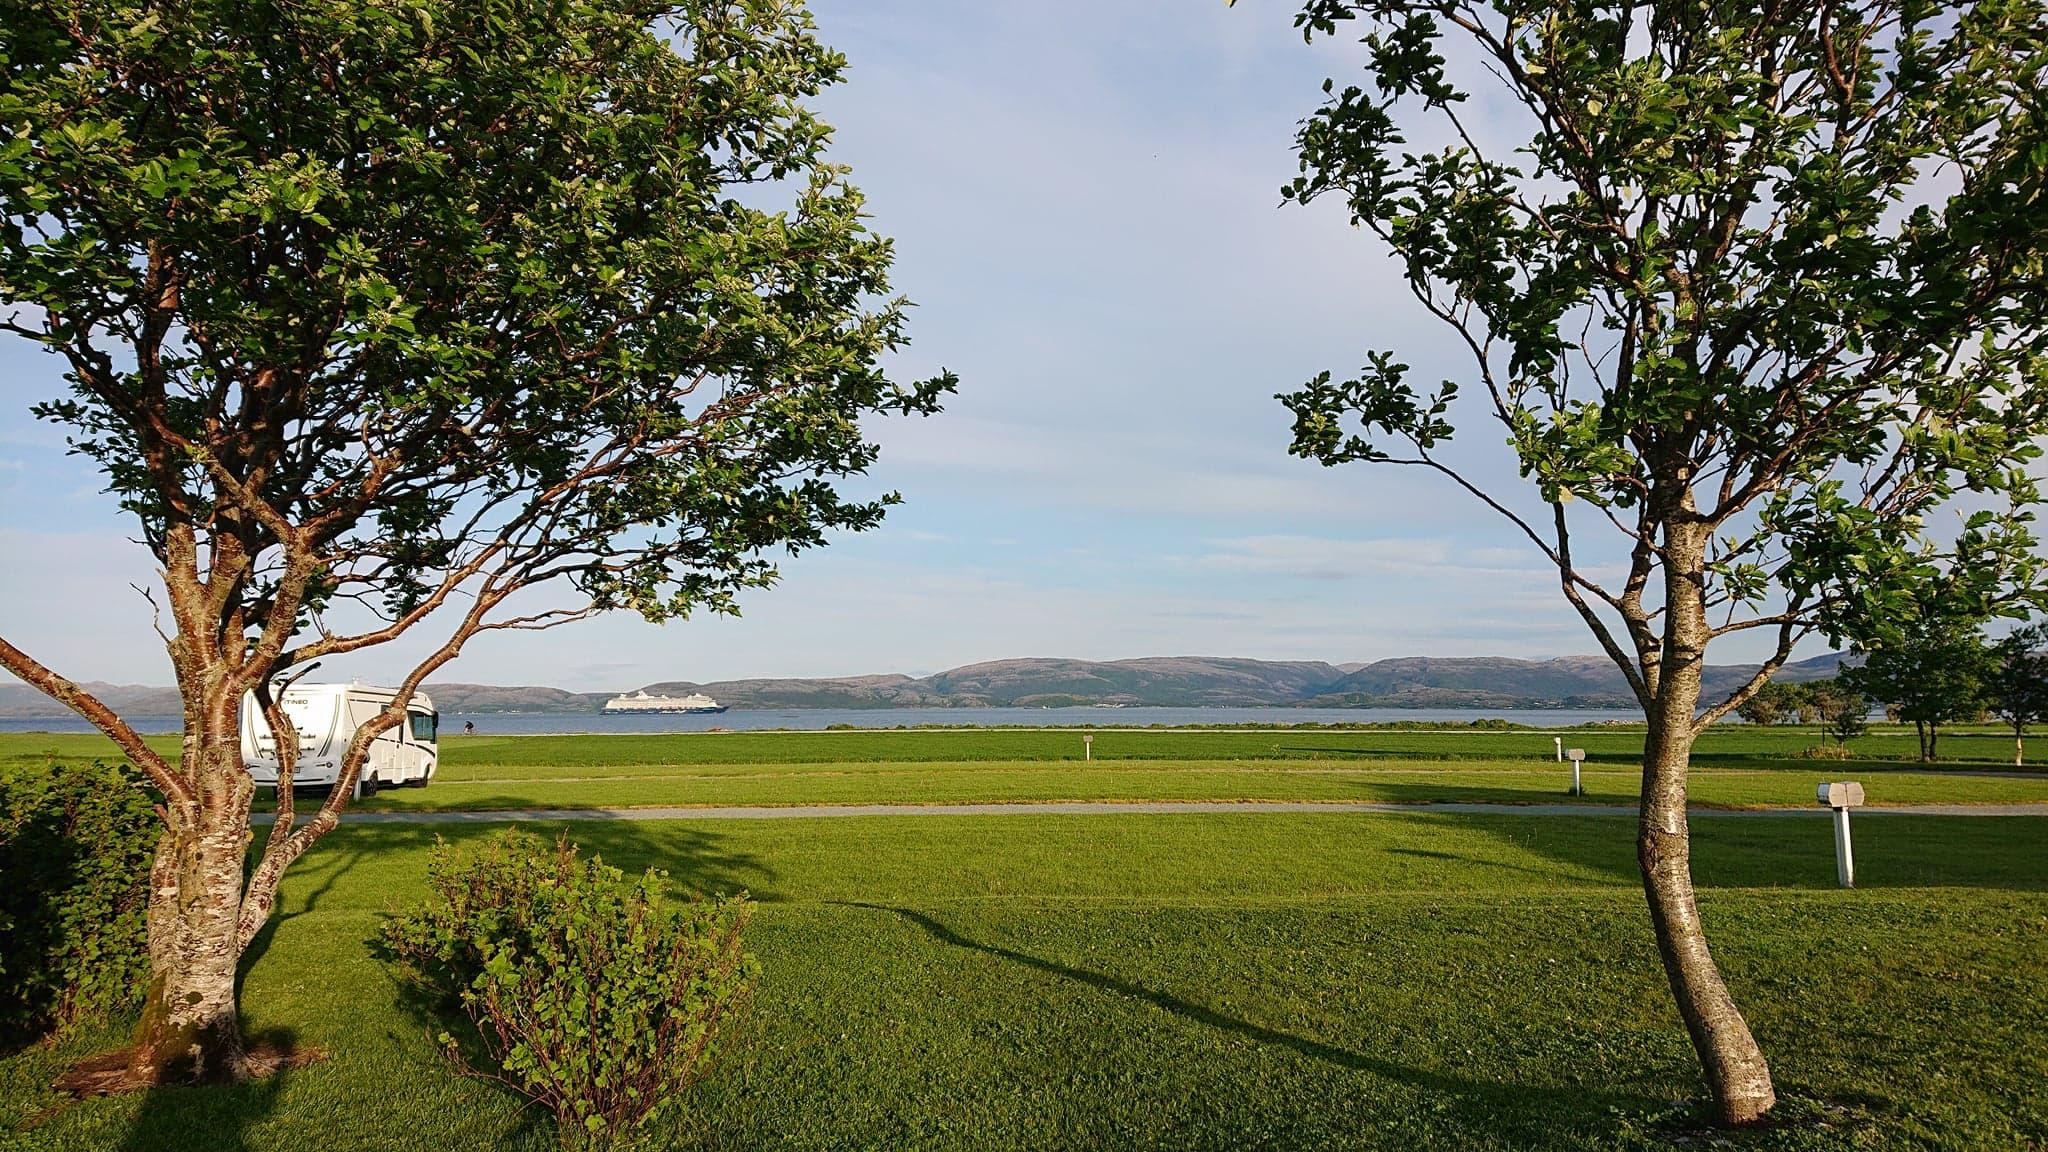 Utsikt mot fjorden / view to the fjord